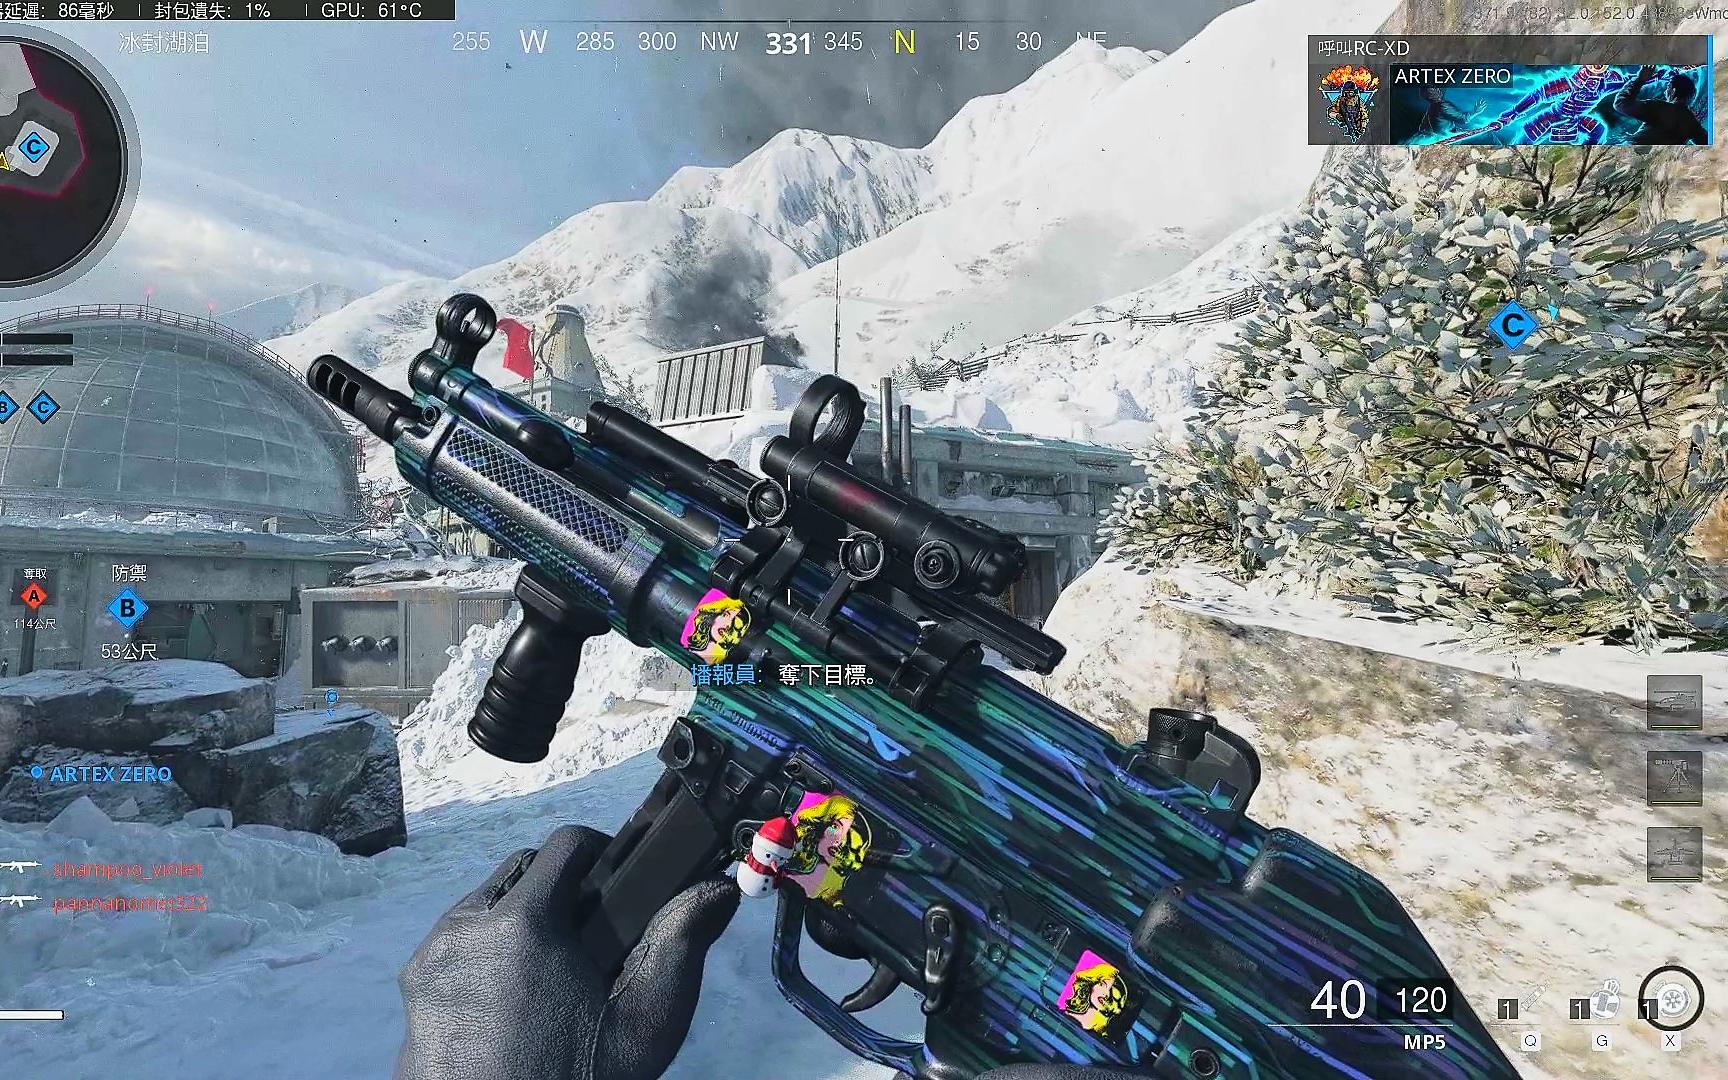 【游戏实况】使命召唤17-冷战 MP5冲锋枪 八配件 占领模式 全局